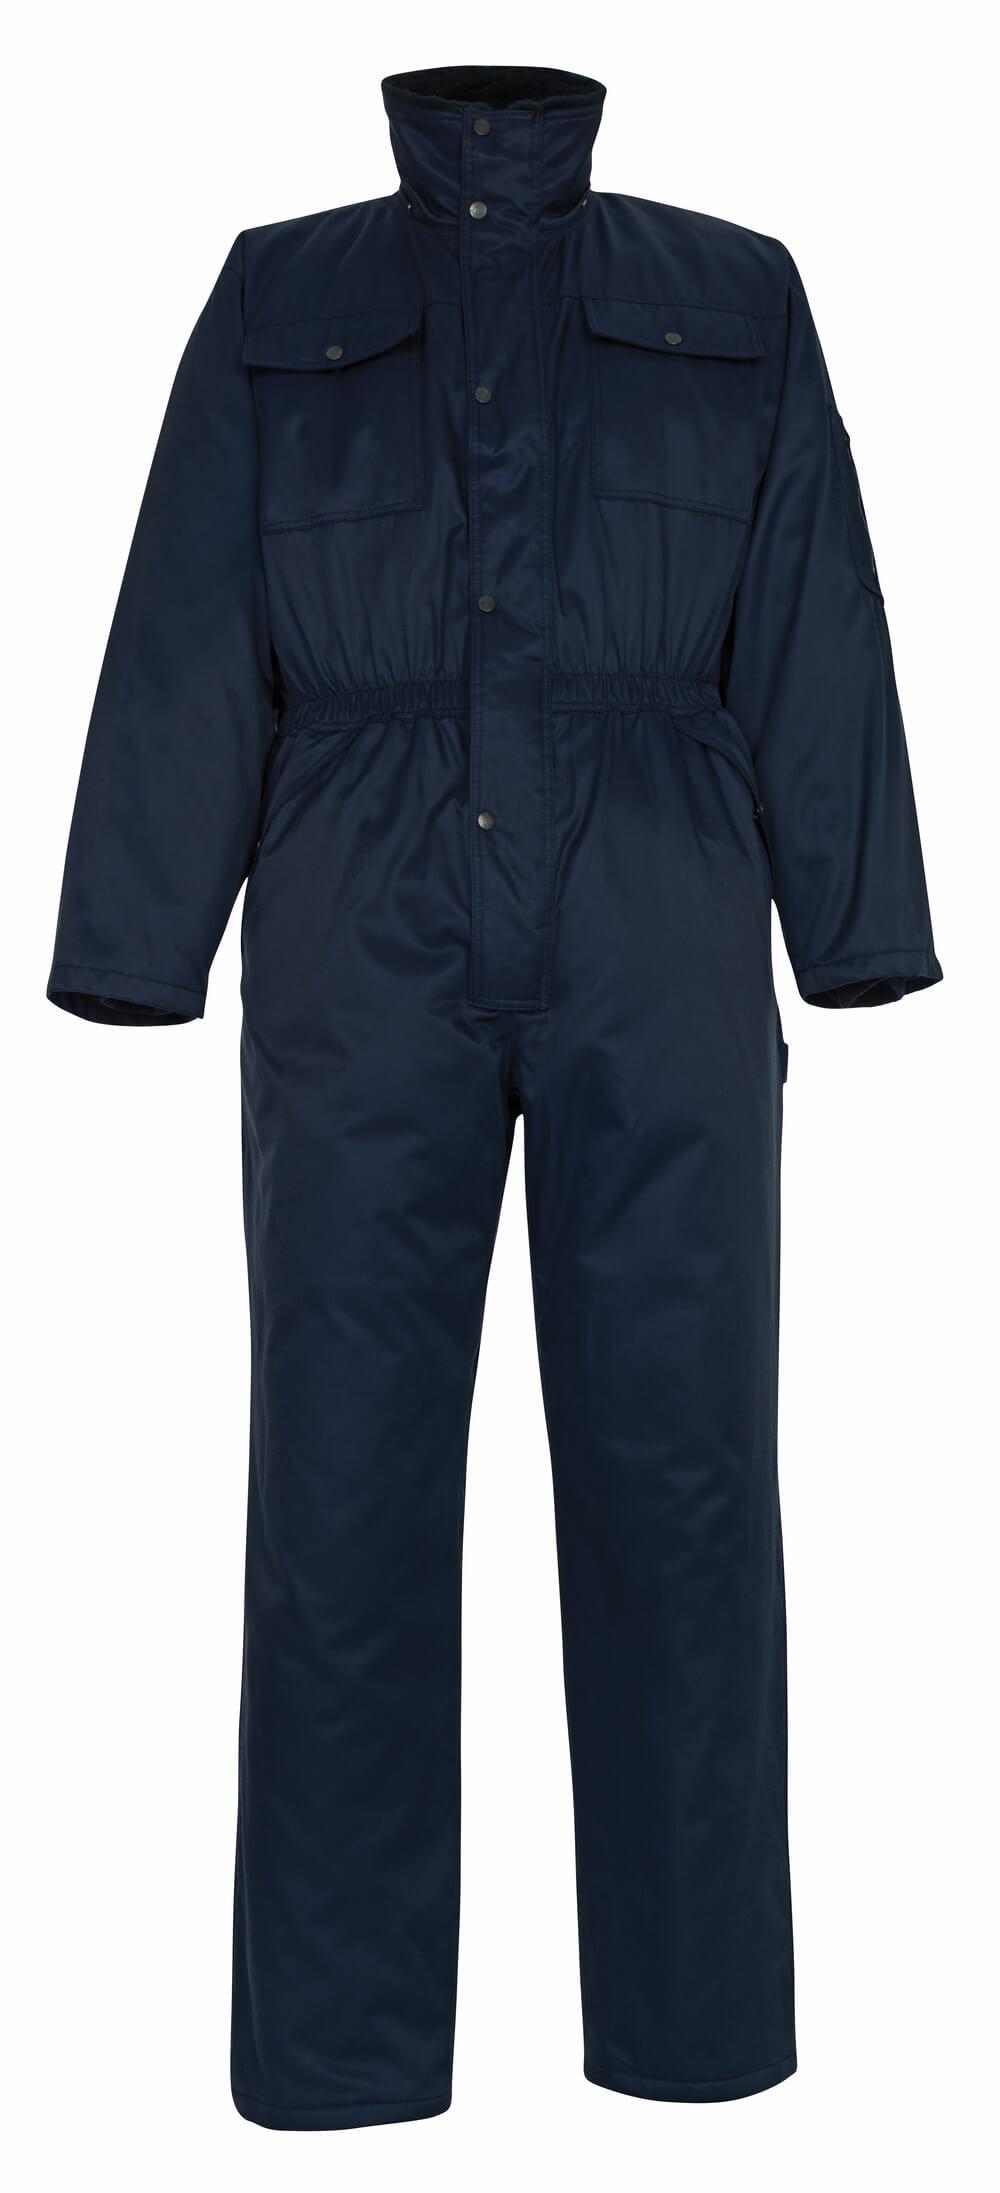 00517-620-01 Vinterkedeldragt - marine